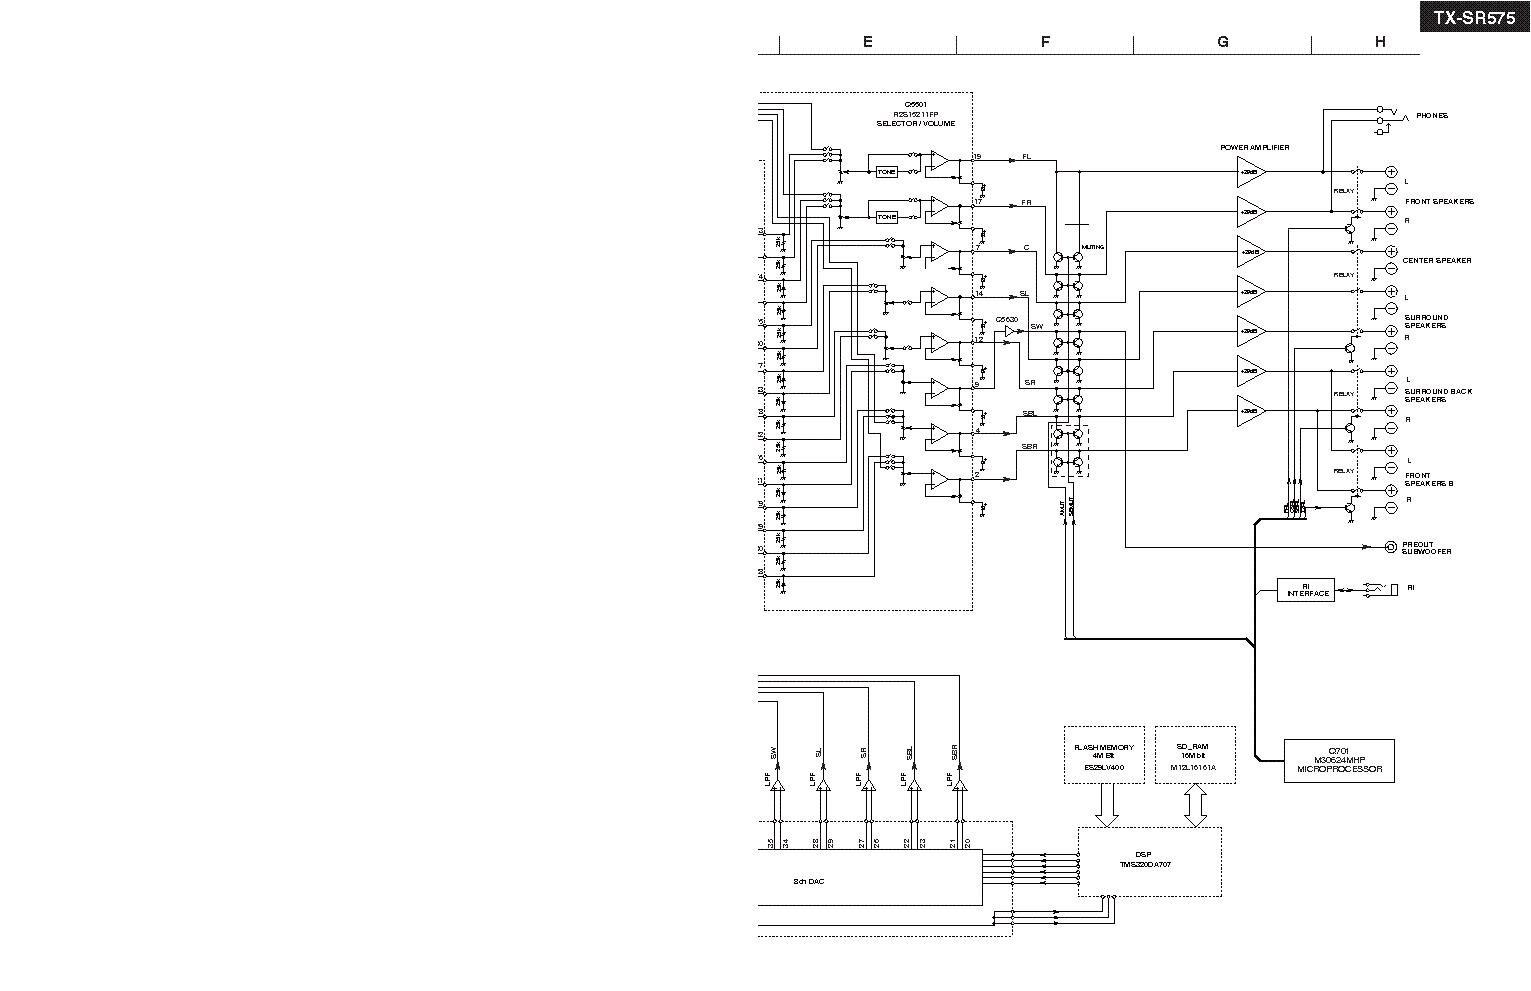 ONKYO TX-SR575 SCH Service Manual download, schematics